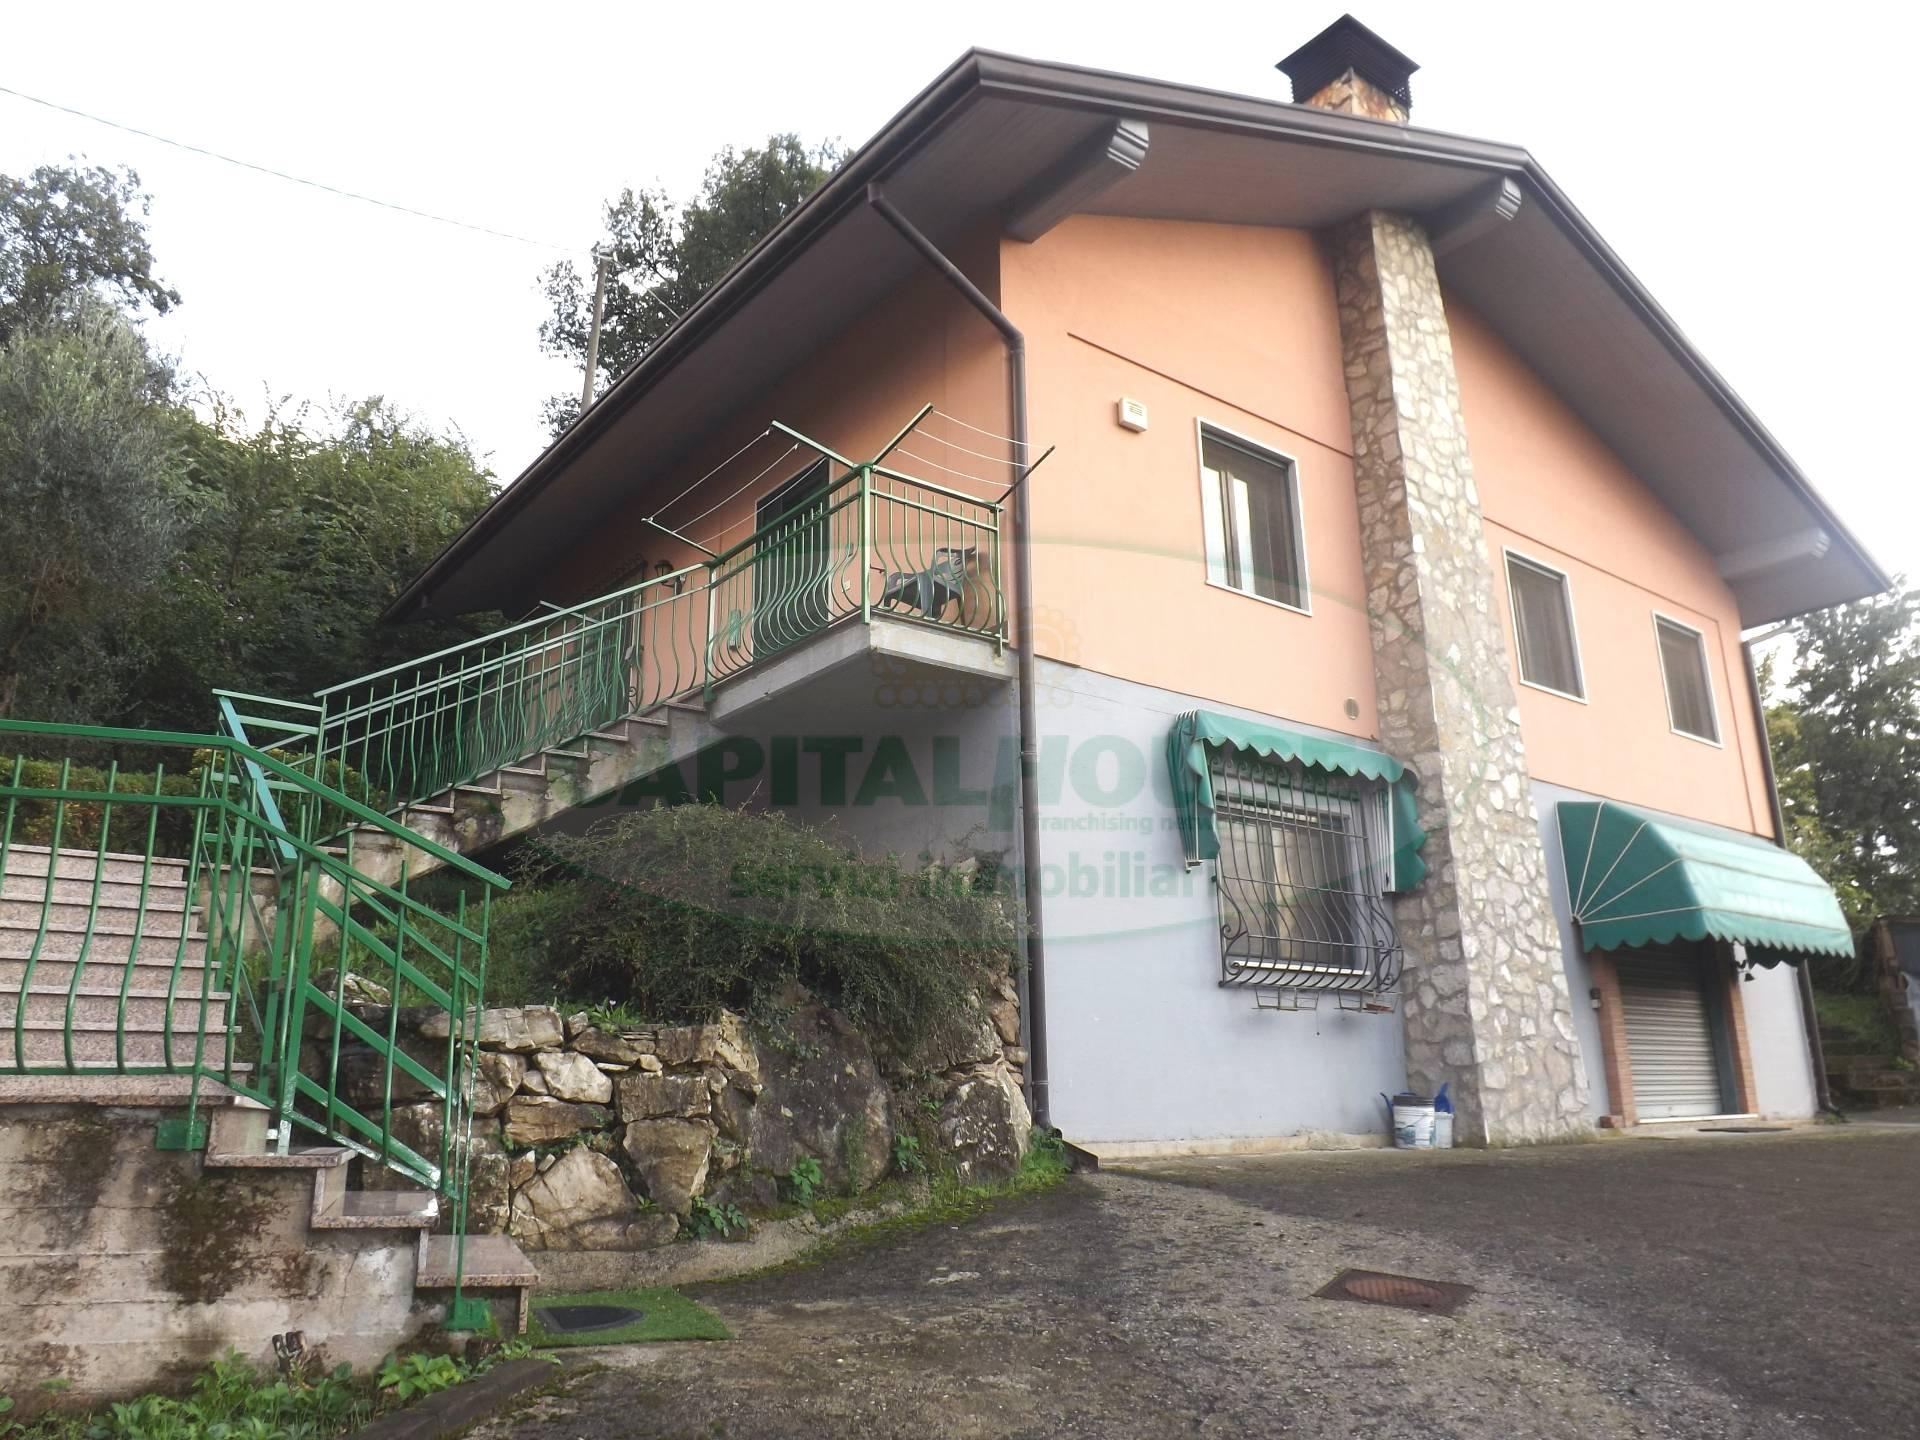 Villa in vendita a Cesinali, 3 locali, prezzo € 140.000 | Cambio Casa.it